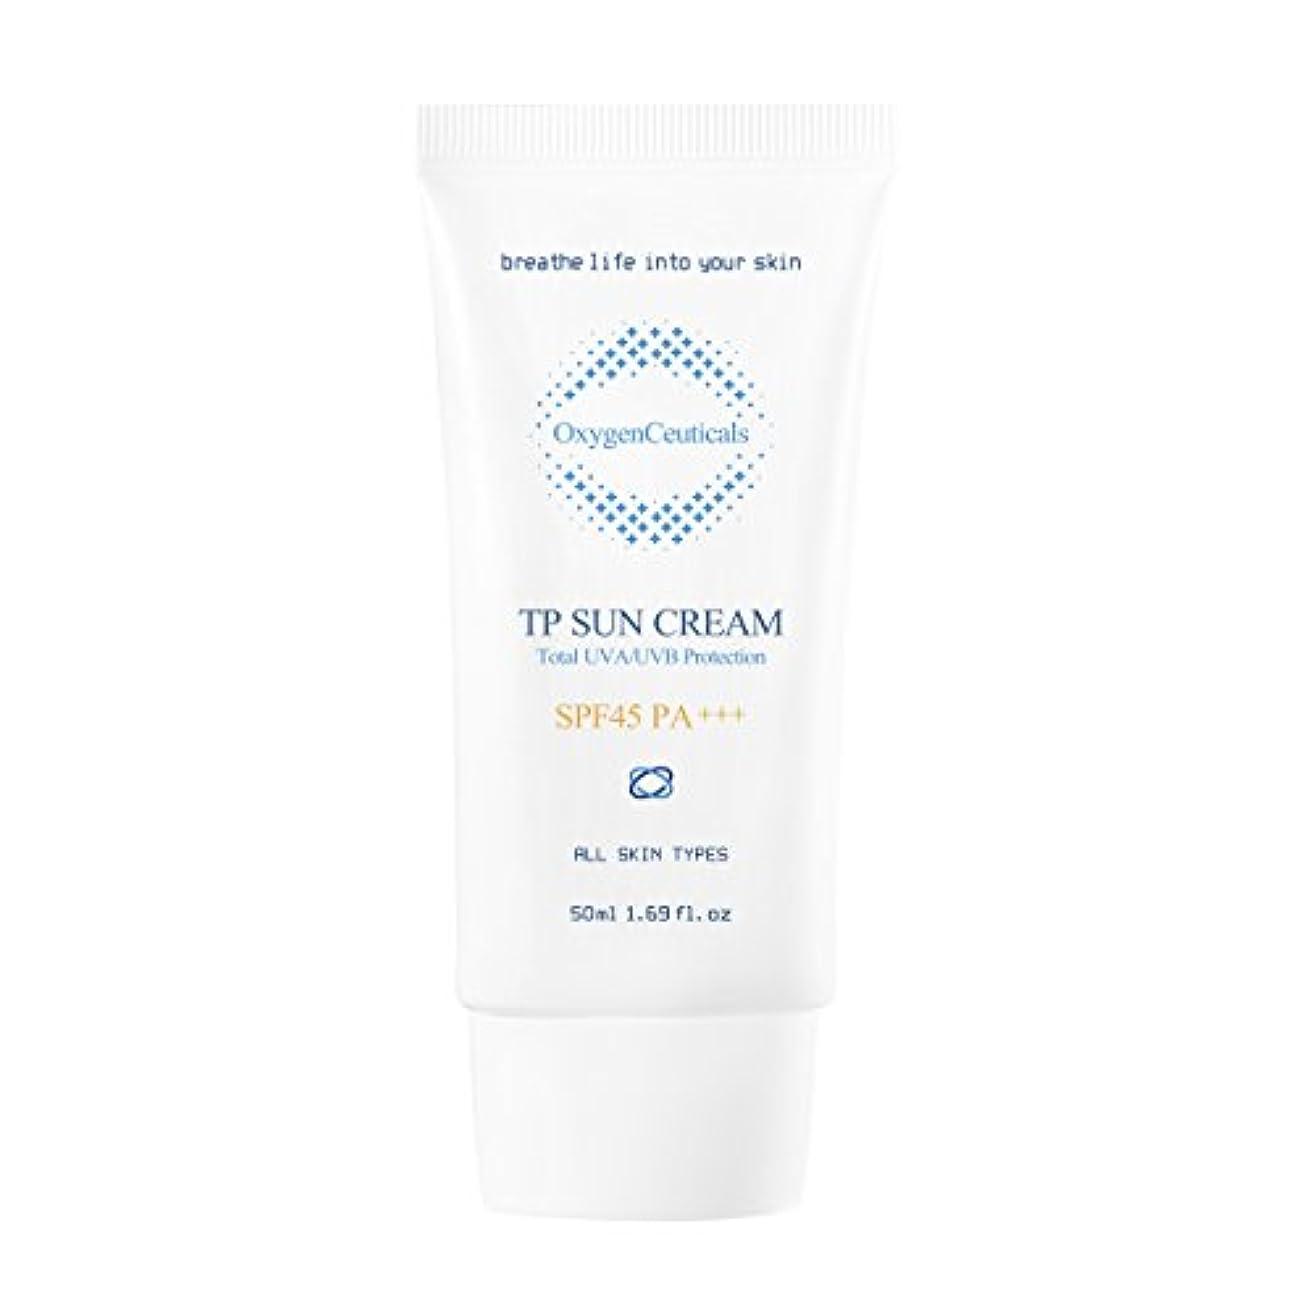 オキシジェンシューティカルズ 酸素サンクリーム(保湿日焼け止め) 50ml. TP Sun Cream 50ml. [SPF45 PA+++] X Mask Pack 1p.